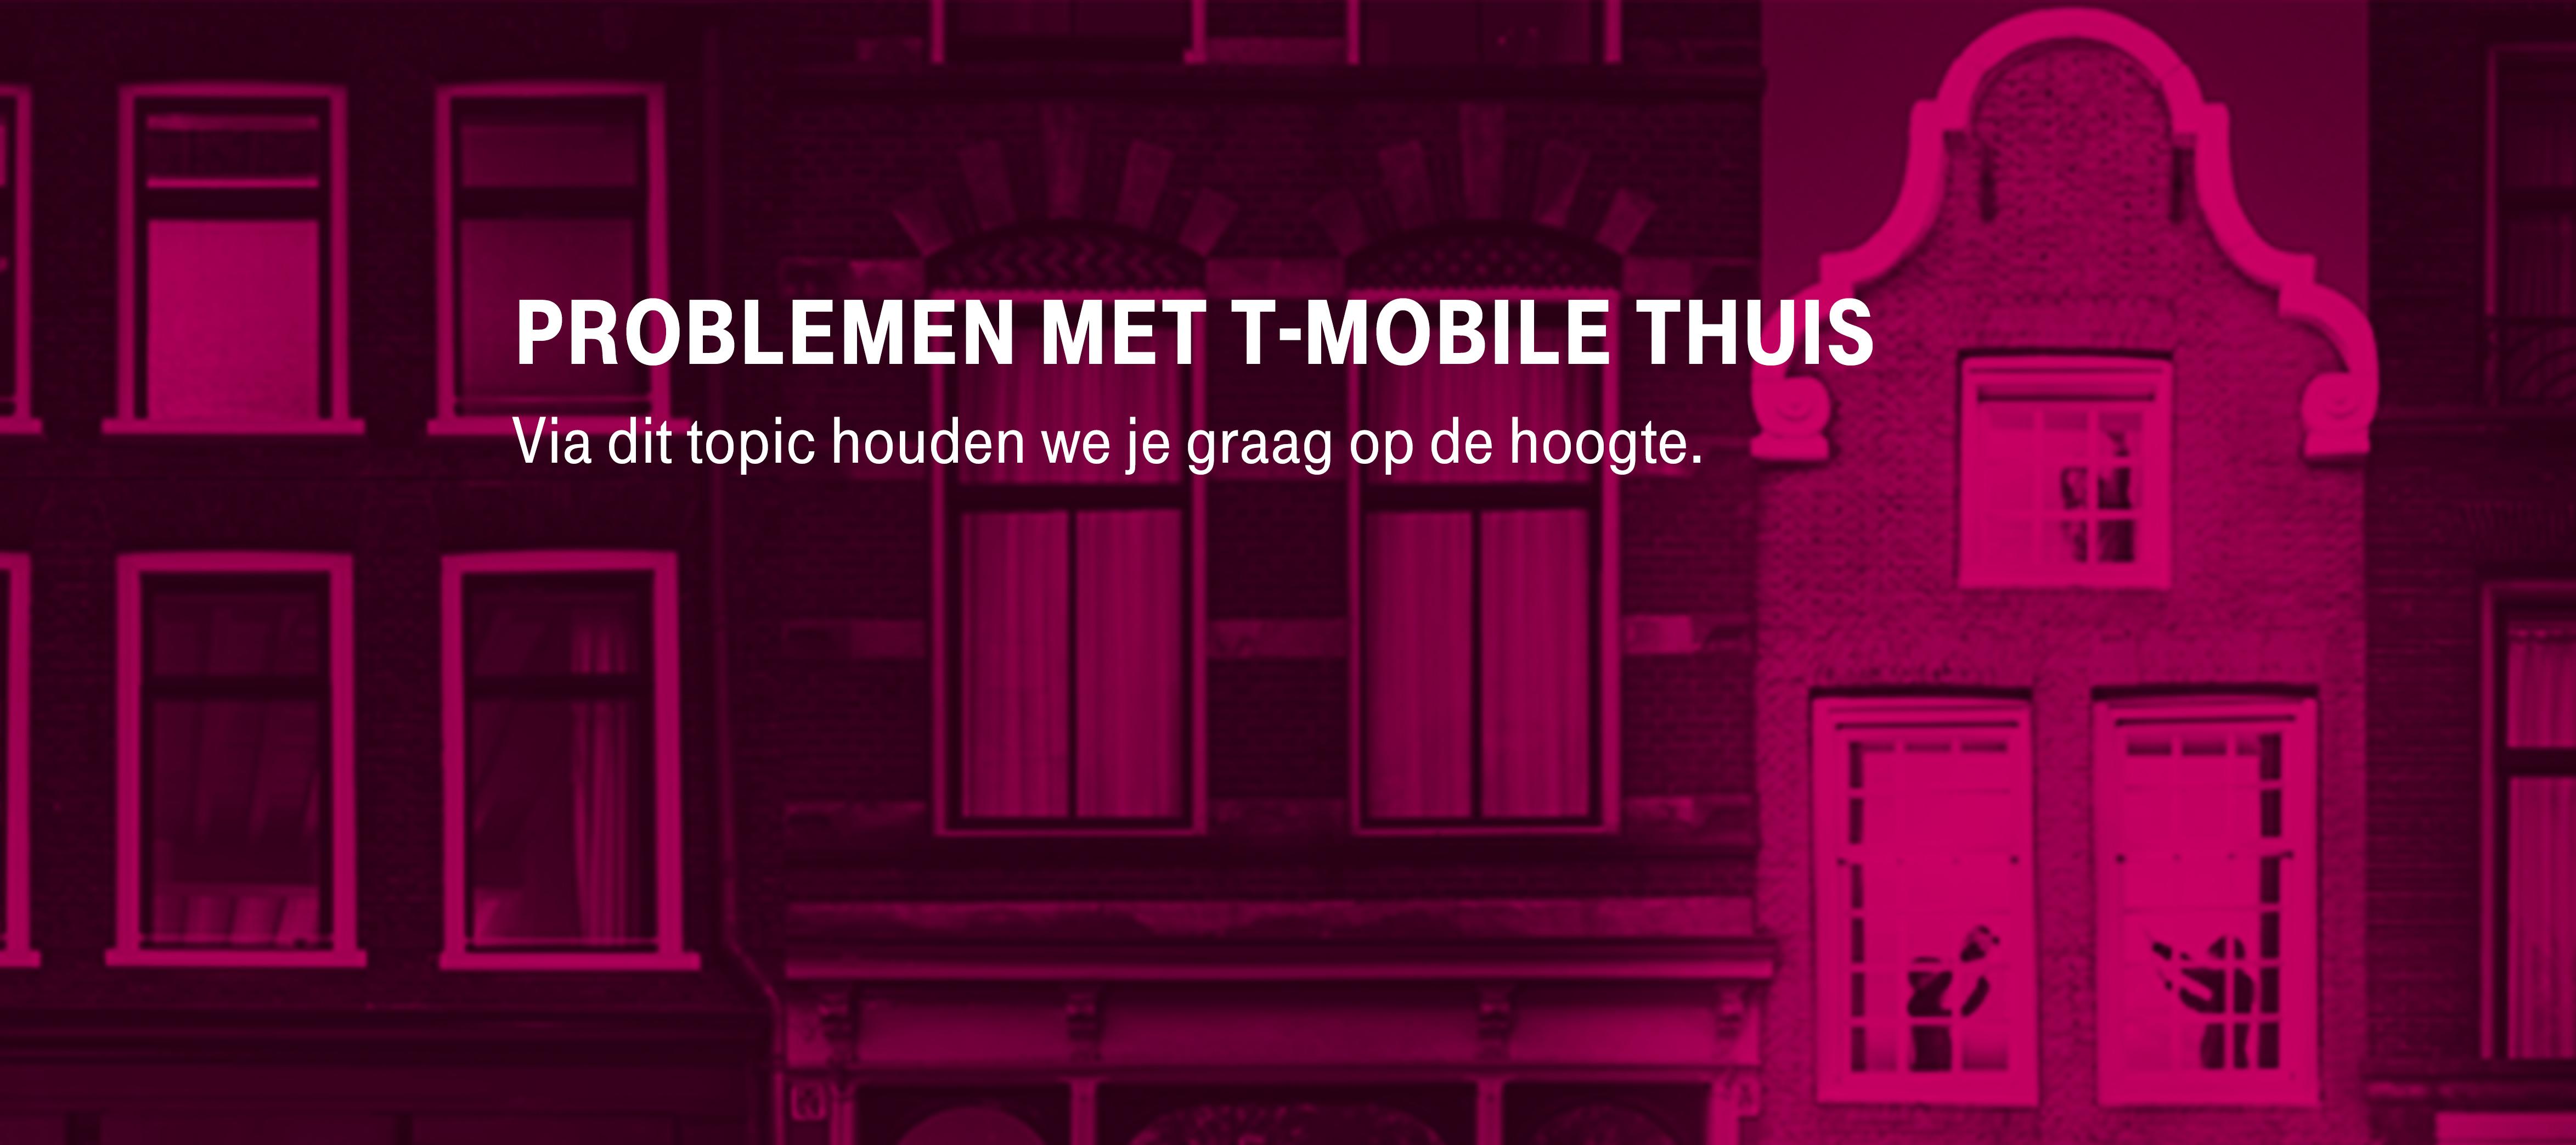 TV problemen T-Mobile Thuis 29-12-2020